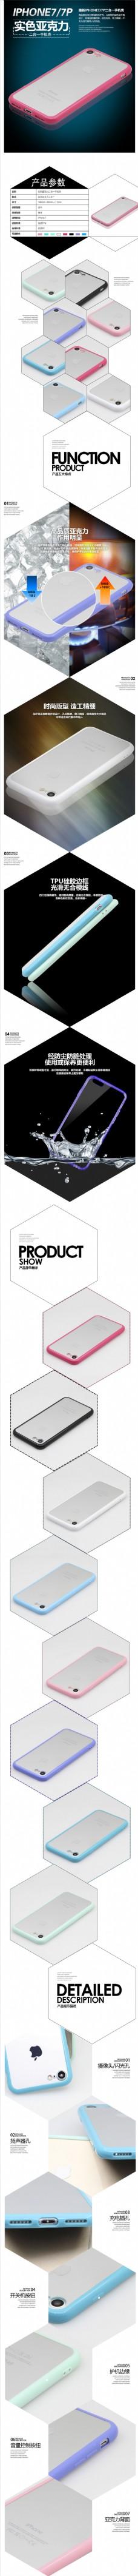 iPhone7实色亚克力手机壳